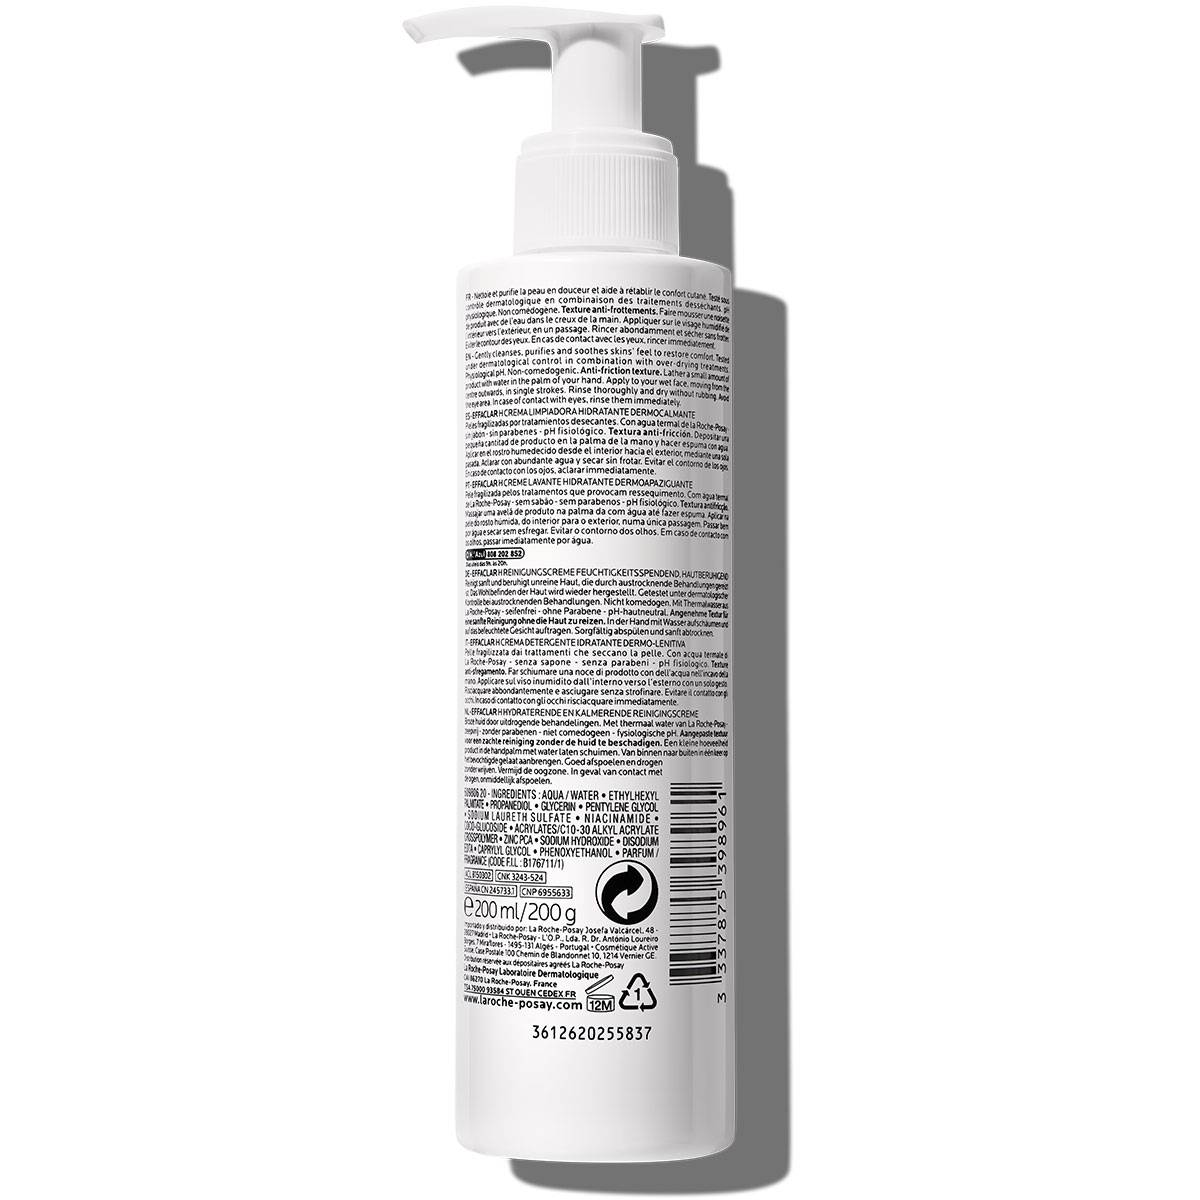 Effaclar h krem myjący EFFACLAR H KOJĄCO-NAWILŻAJĄCY KREM MYJĄCY 200 ml Tył | La Roche Posay